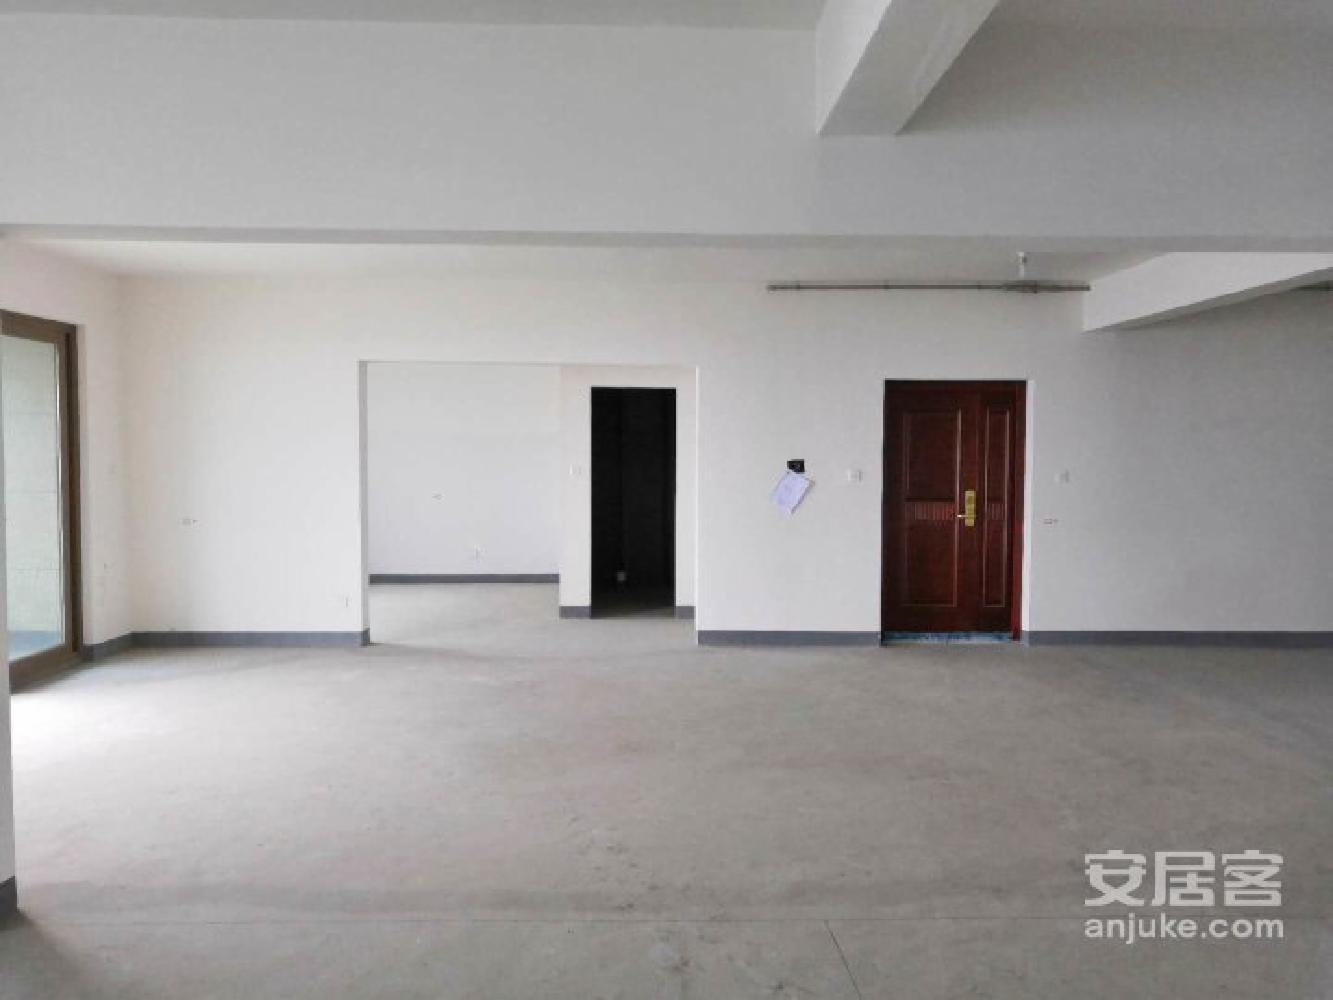 开元广场,内部编号295